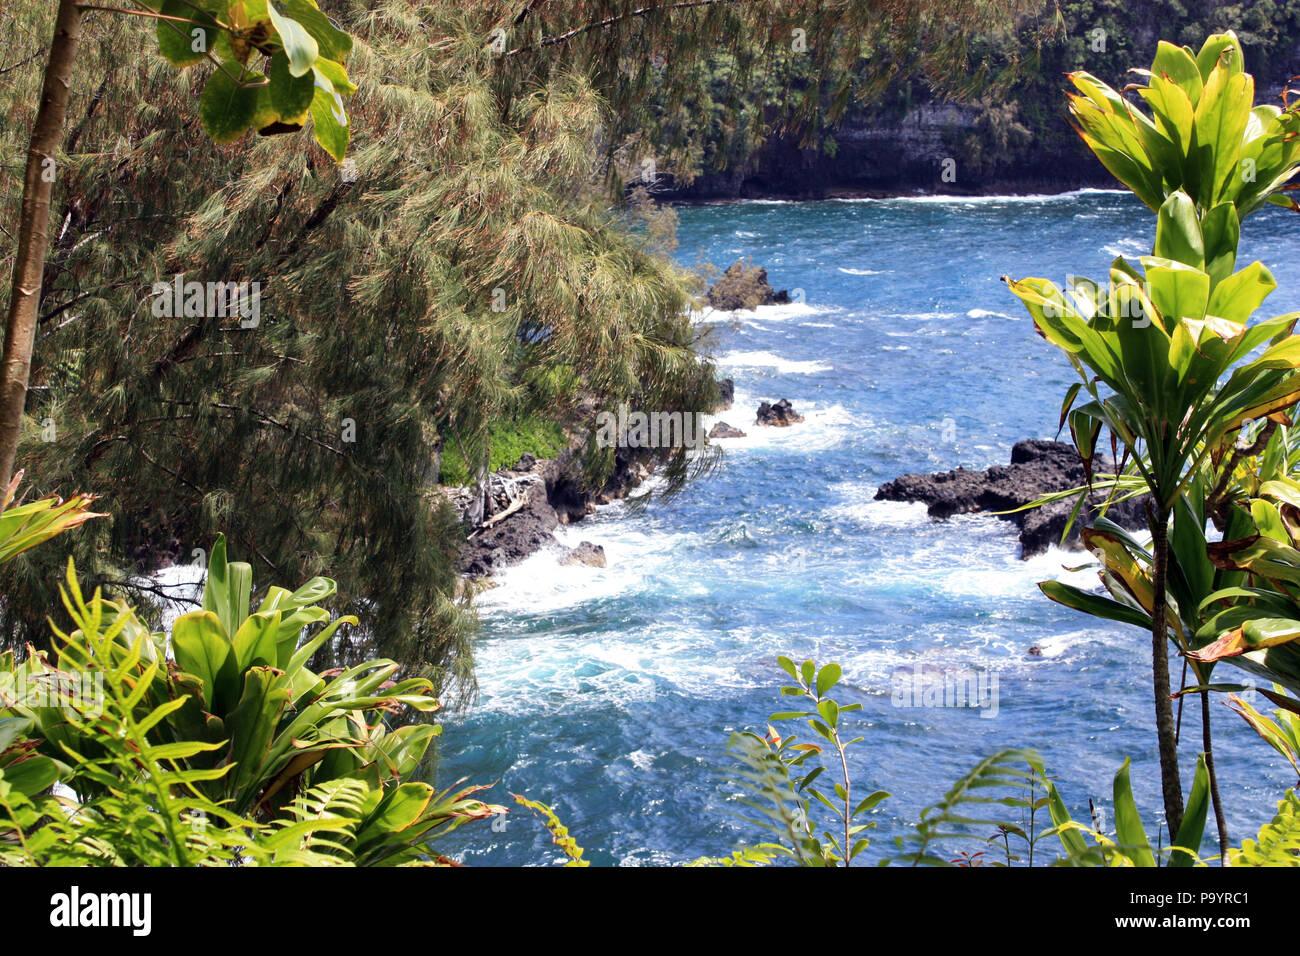 Mirar a través de pinos y árboles de yuca y helechos hasta el Océano Pacífico en la Bahía Onomea en Papaikou, Hawai Foto de stock